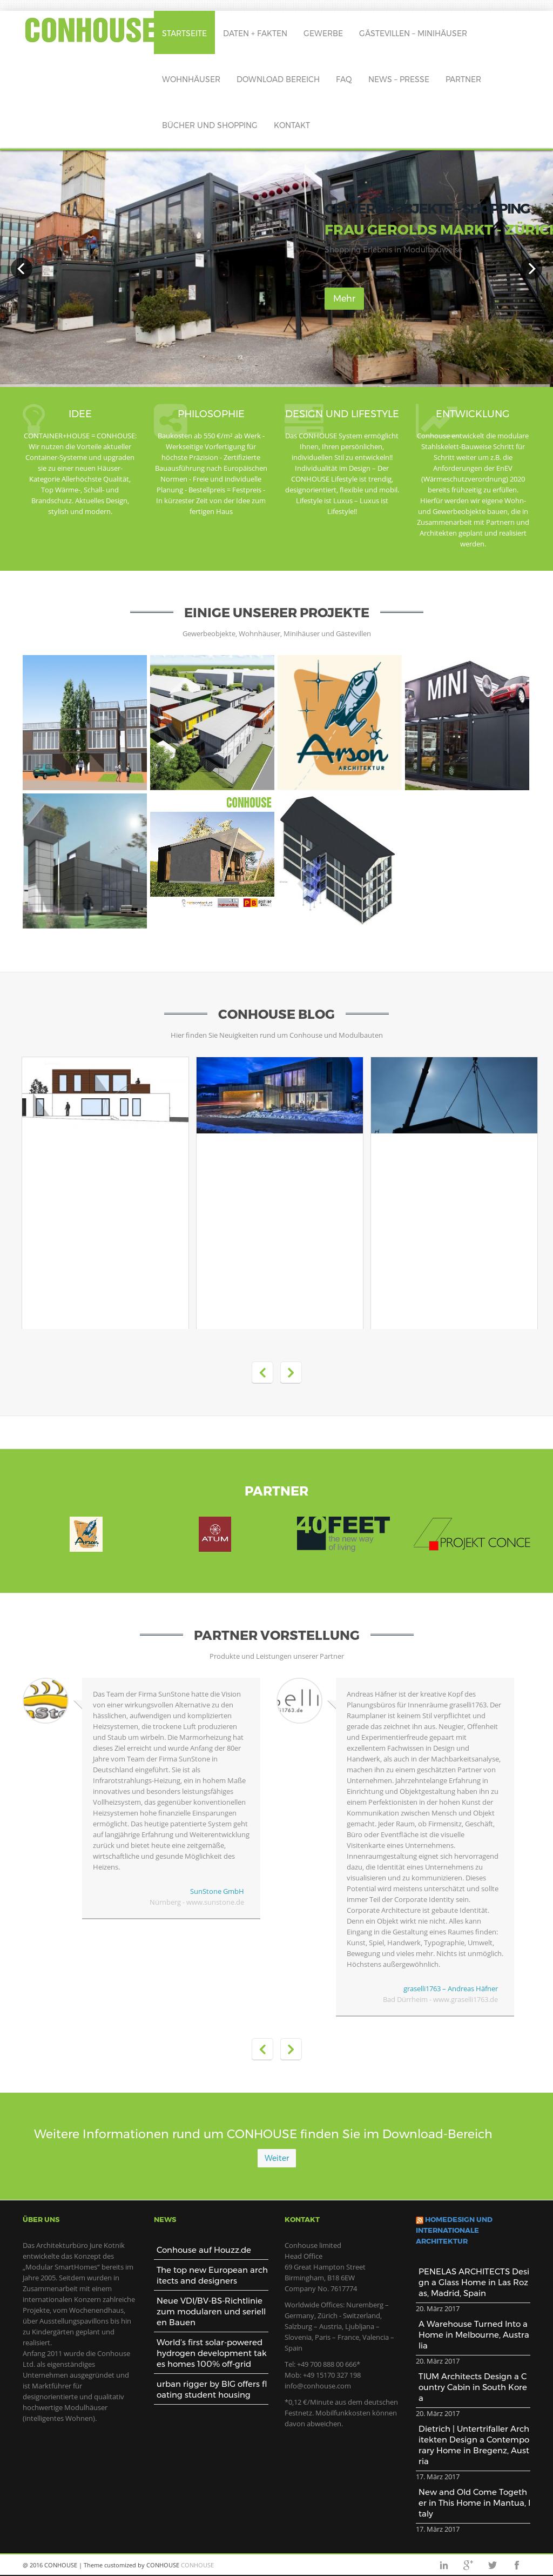 Fesselnde Conhouse Referenz Von Website History